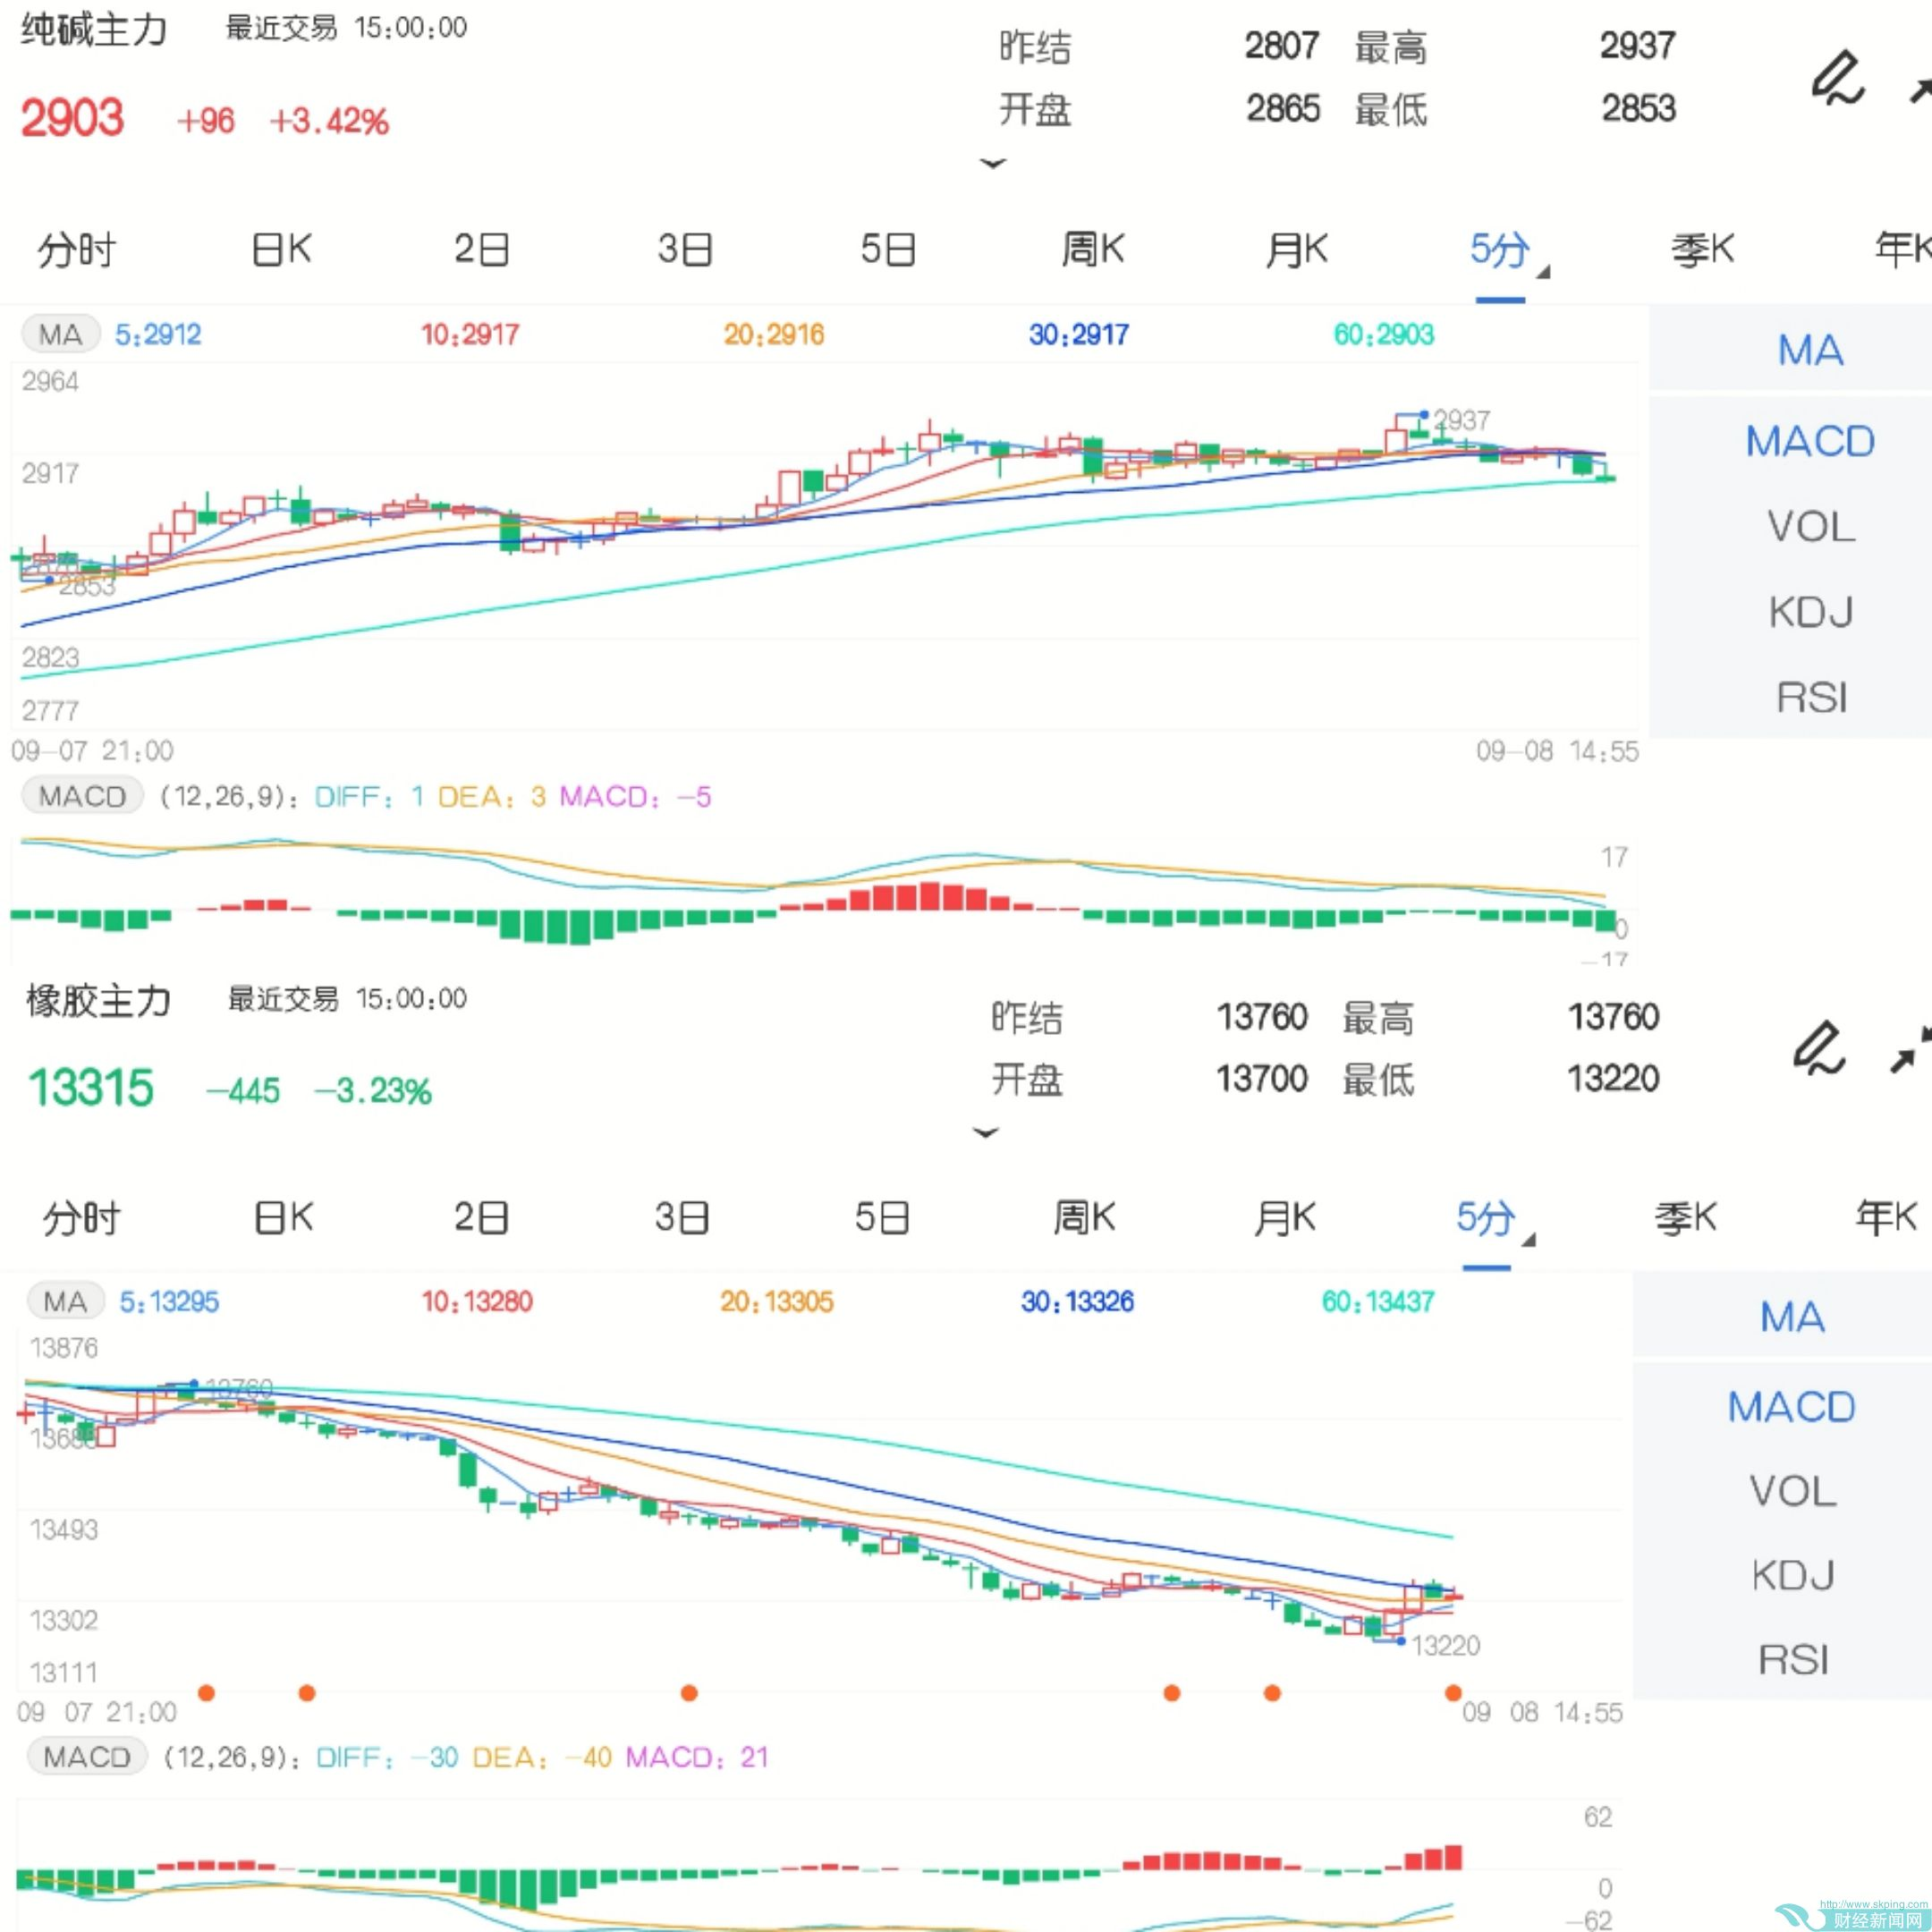 9月8日期市收评:商品<a href=http://www.skping.com target=_blank class=infotextkey>期货</a>涨跌参半 橡胶增仓下行跌超3%